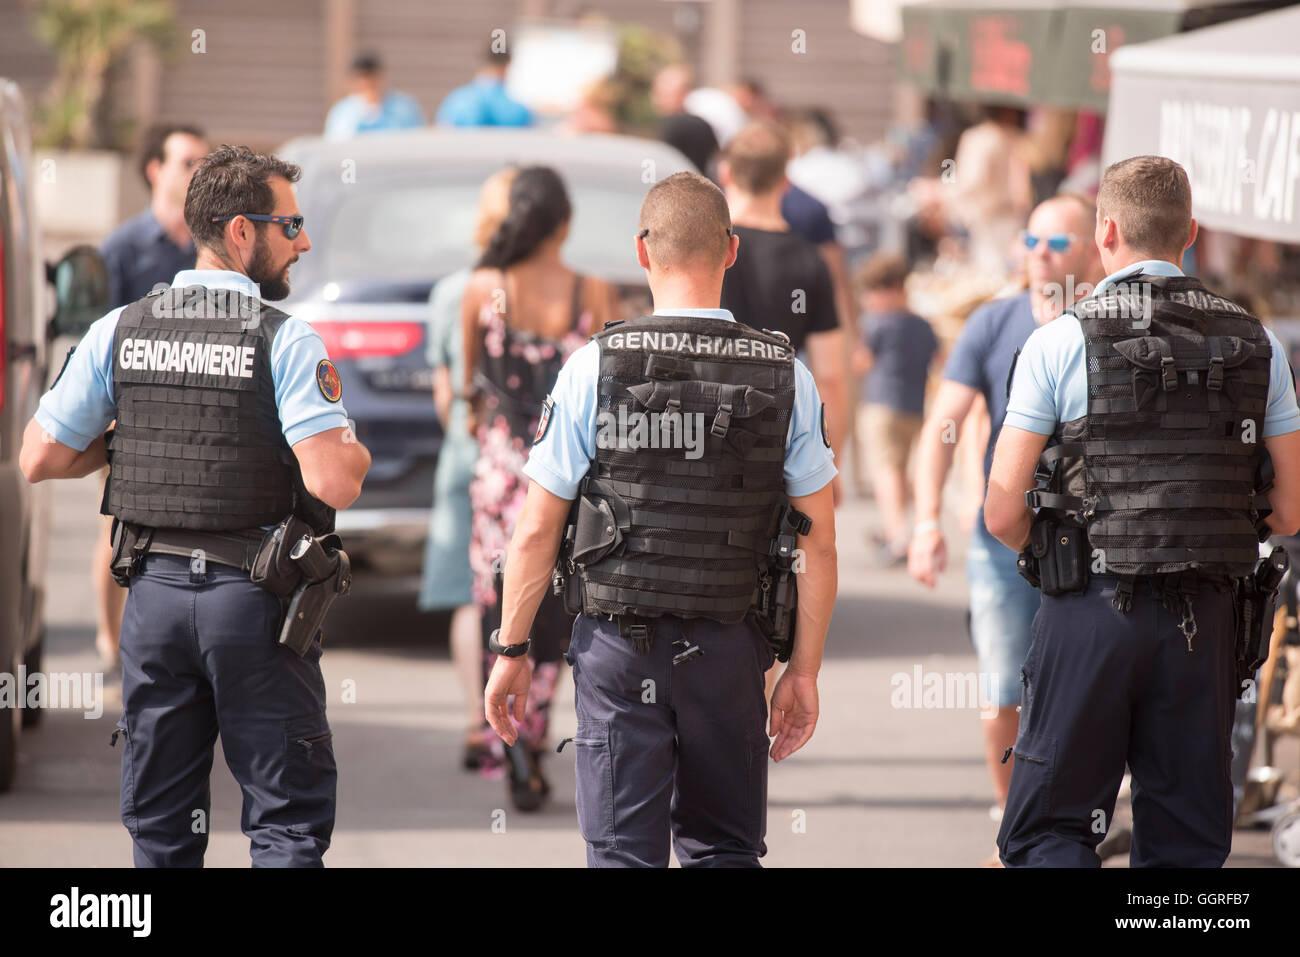 Gendarmes gendarmerie police patrol marina - Stock Image